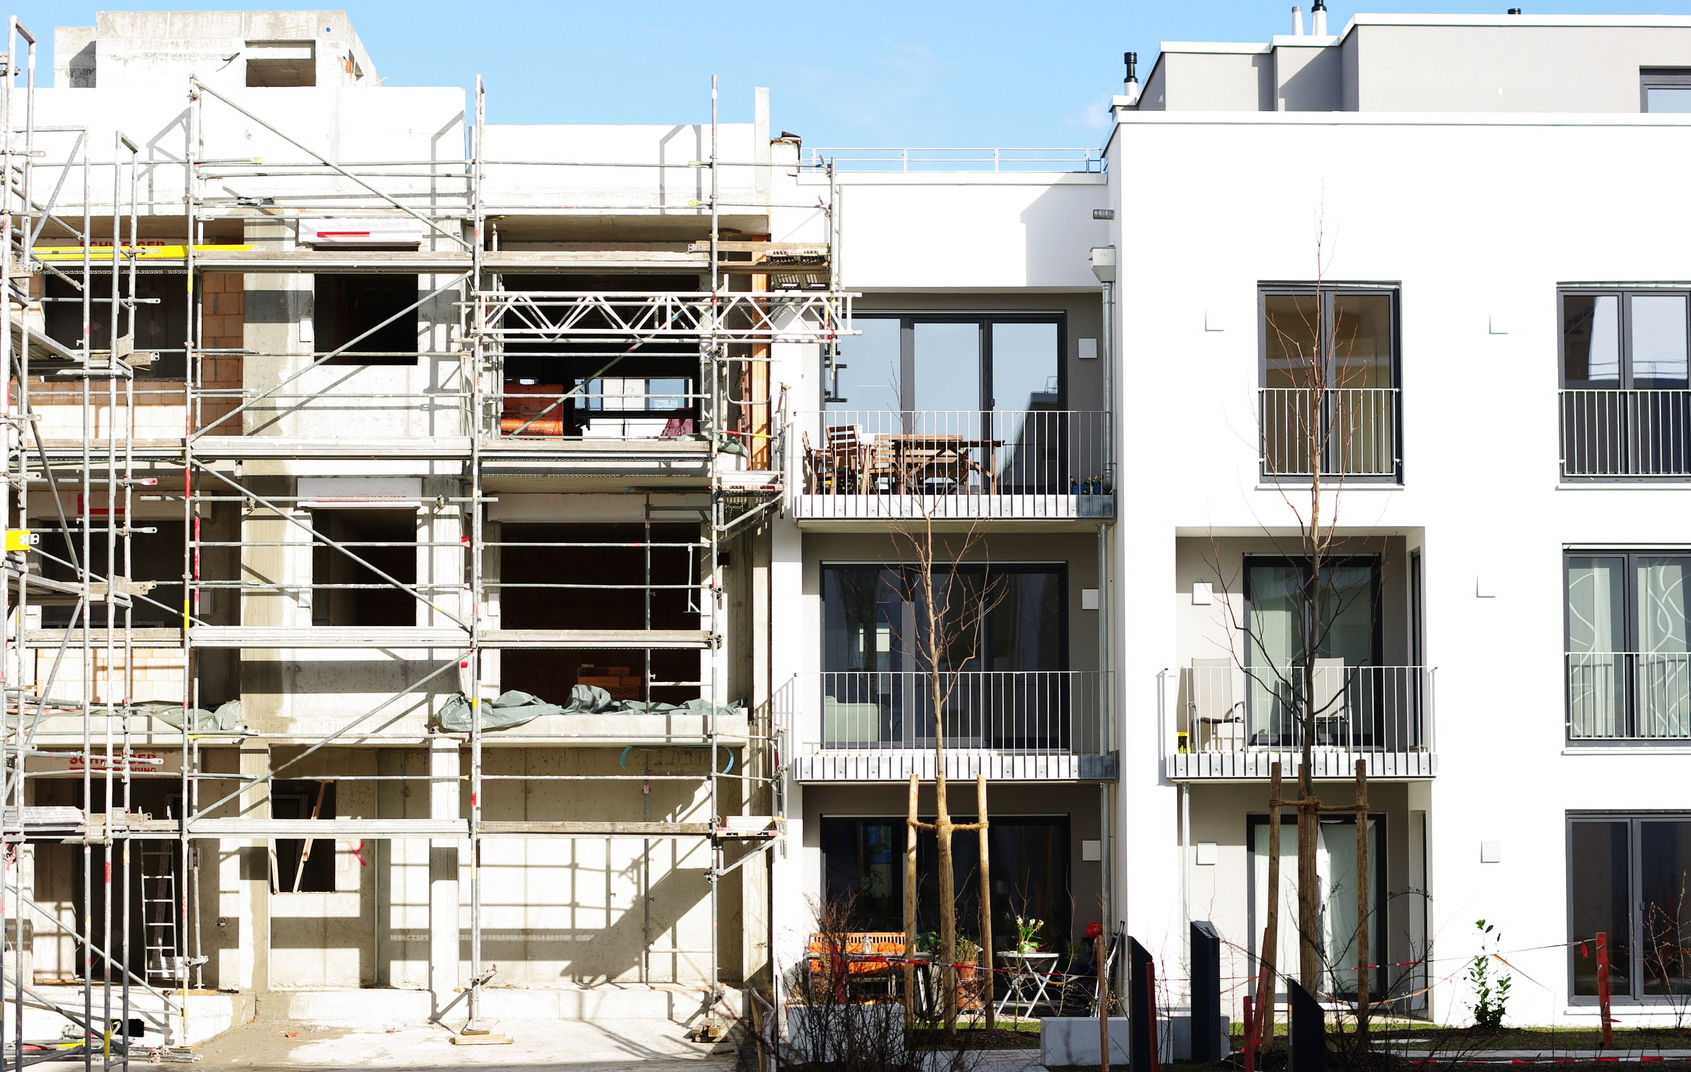 Wohnungsbauunternehmen